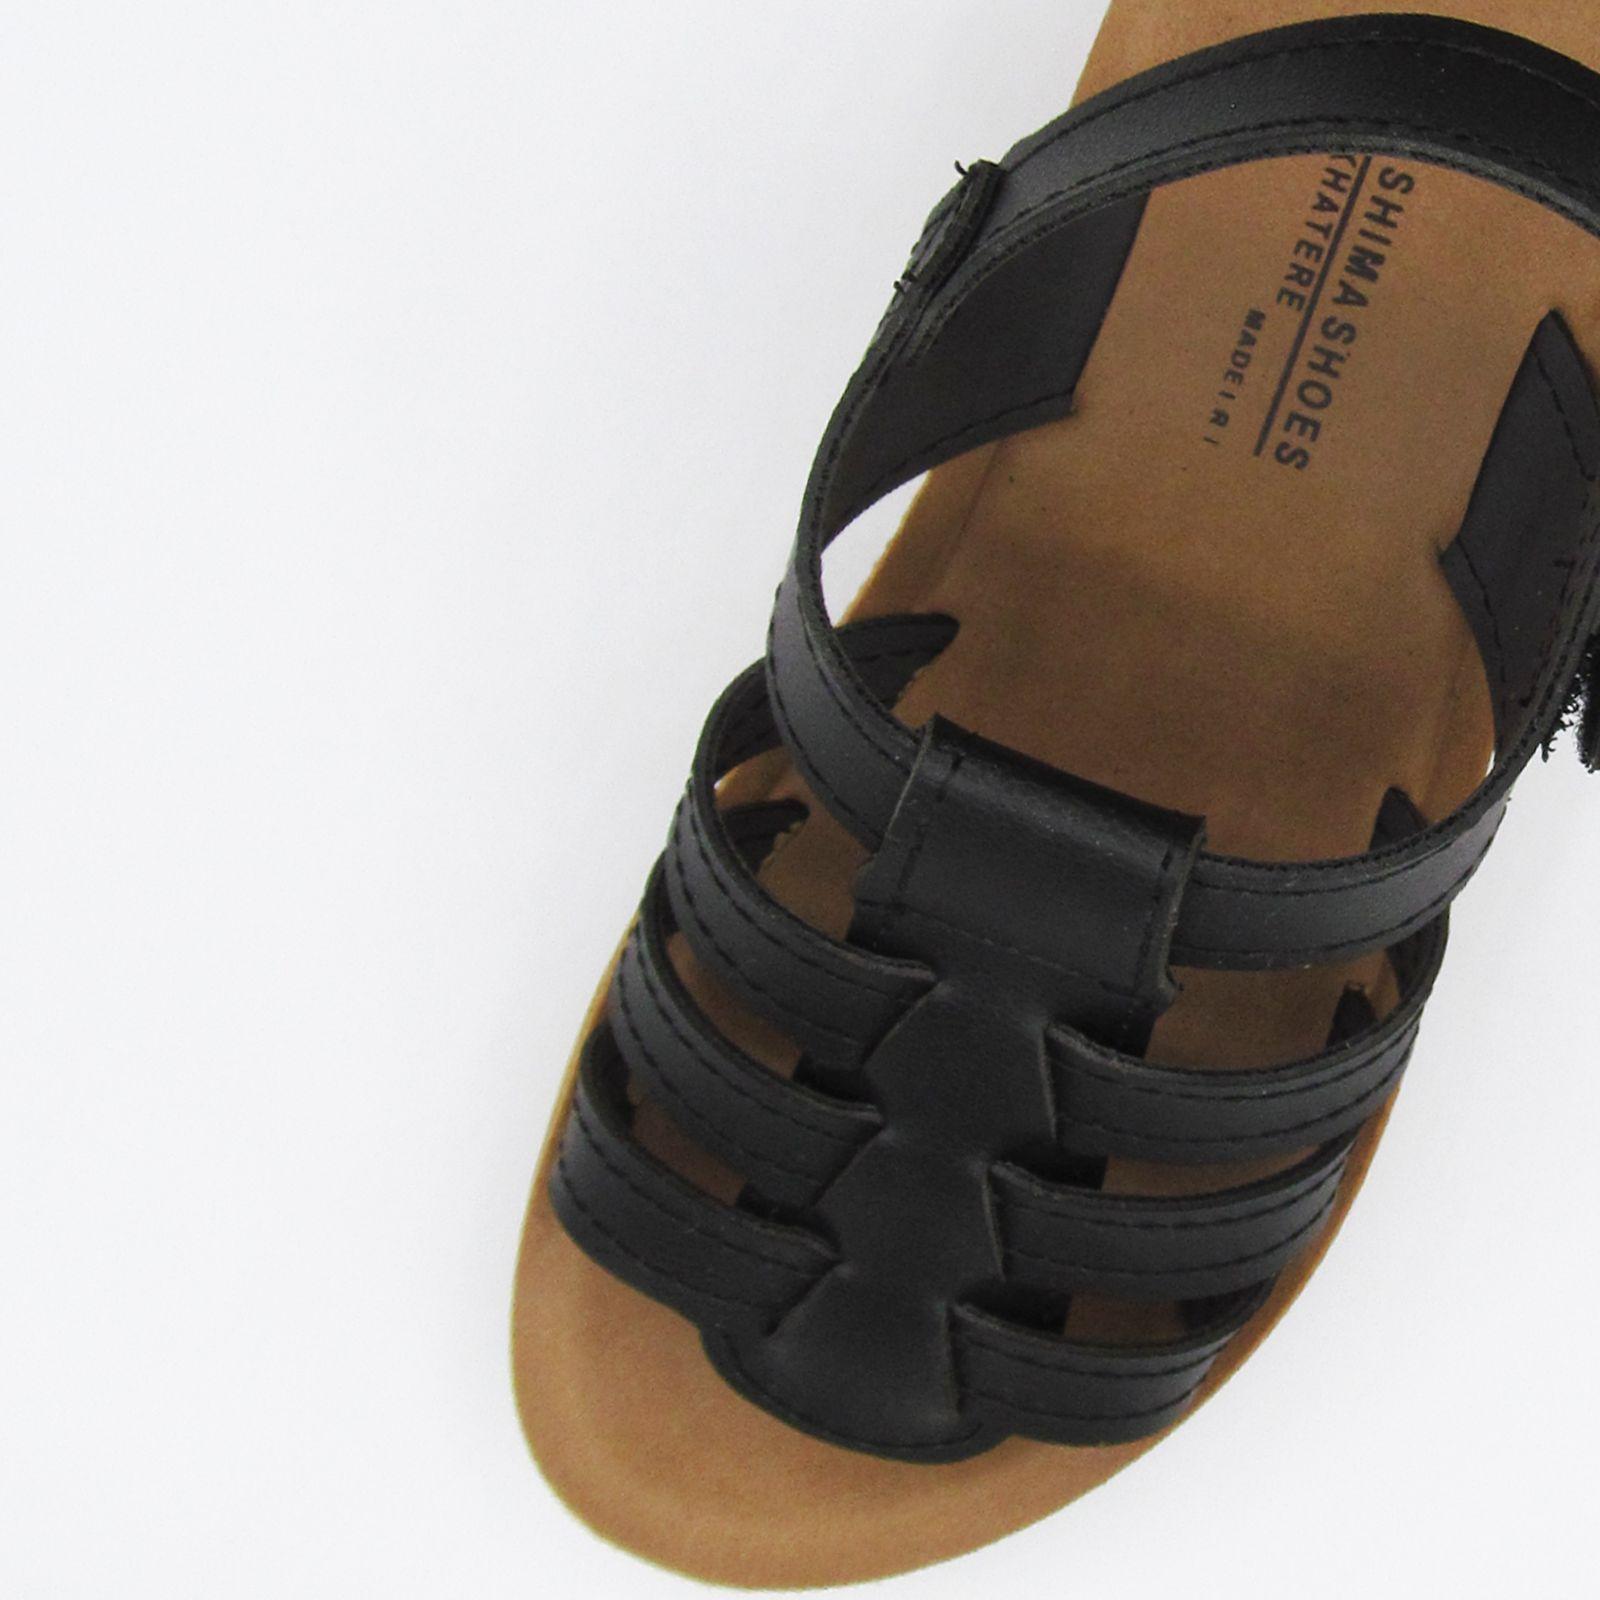 صندل دخترانه کفش شیما مدل خاطره کد 1799 -  - 6